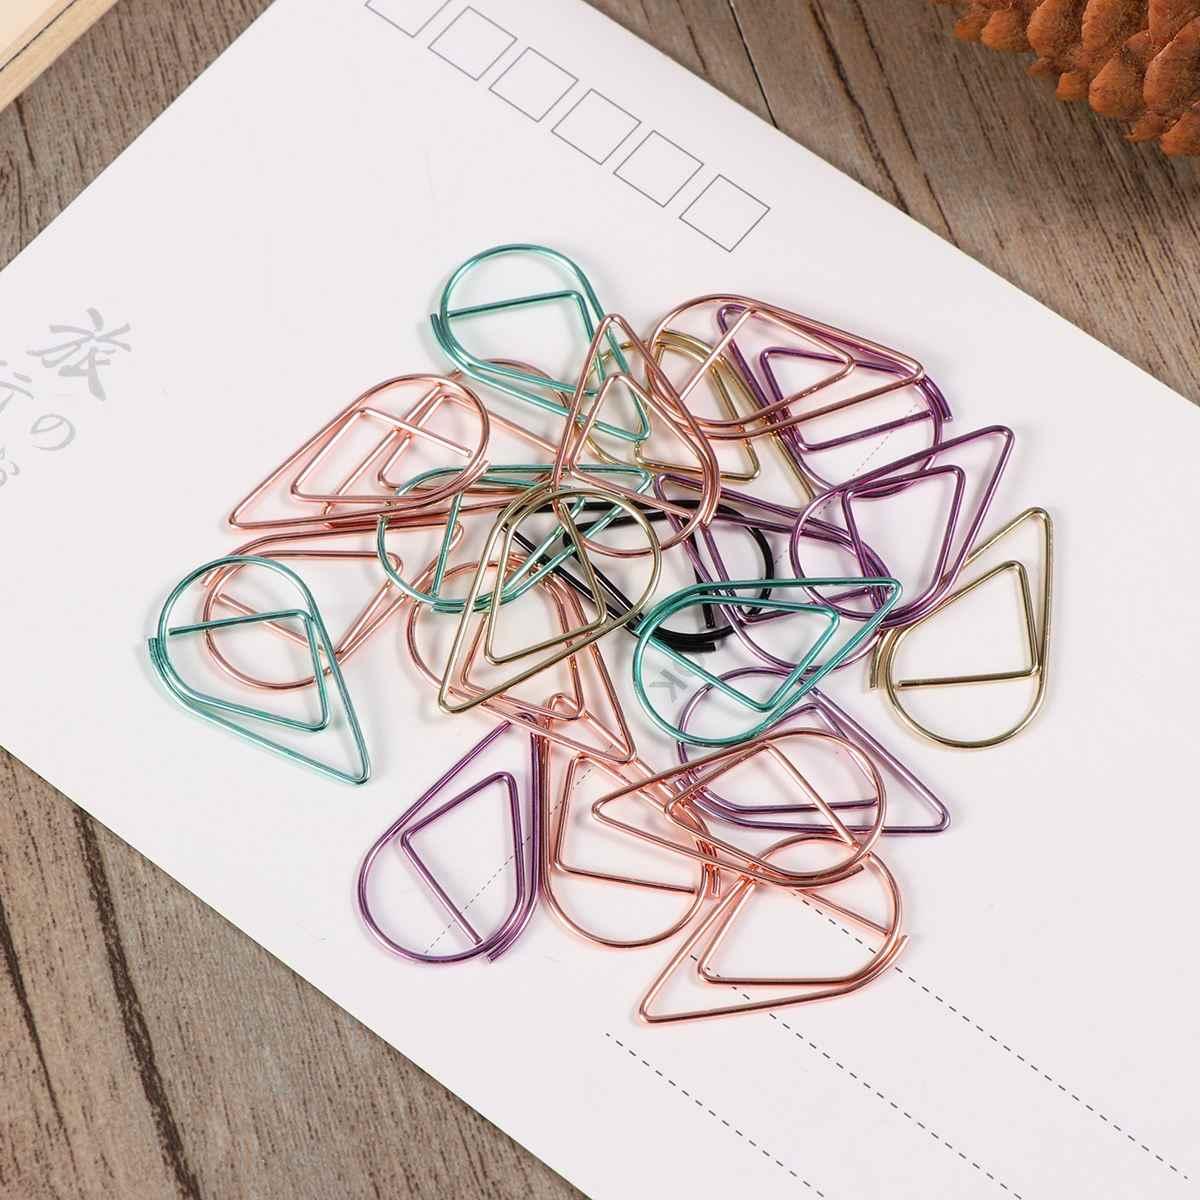 100 Pcs Logam Kecil Berbentuk DROP Klip Kertas Bookmark Penjepit Kertas untuk Buku Memo Kertas Poster Alat Kantor Dekorasi